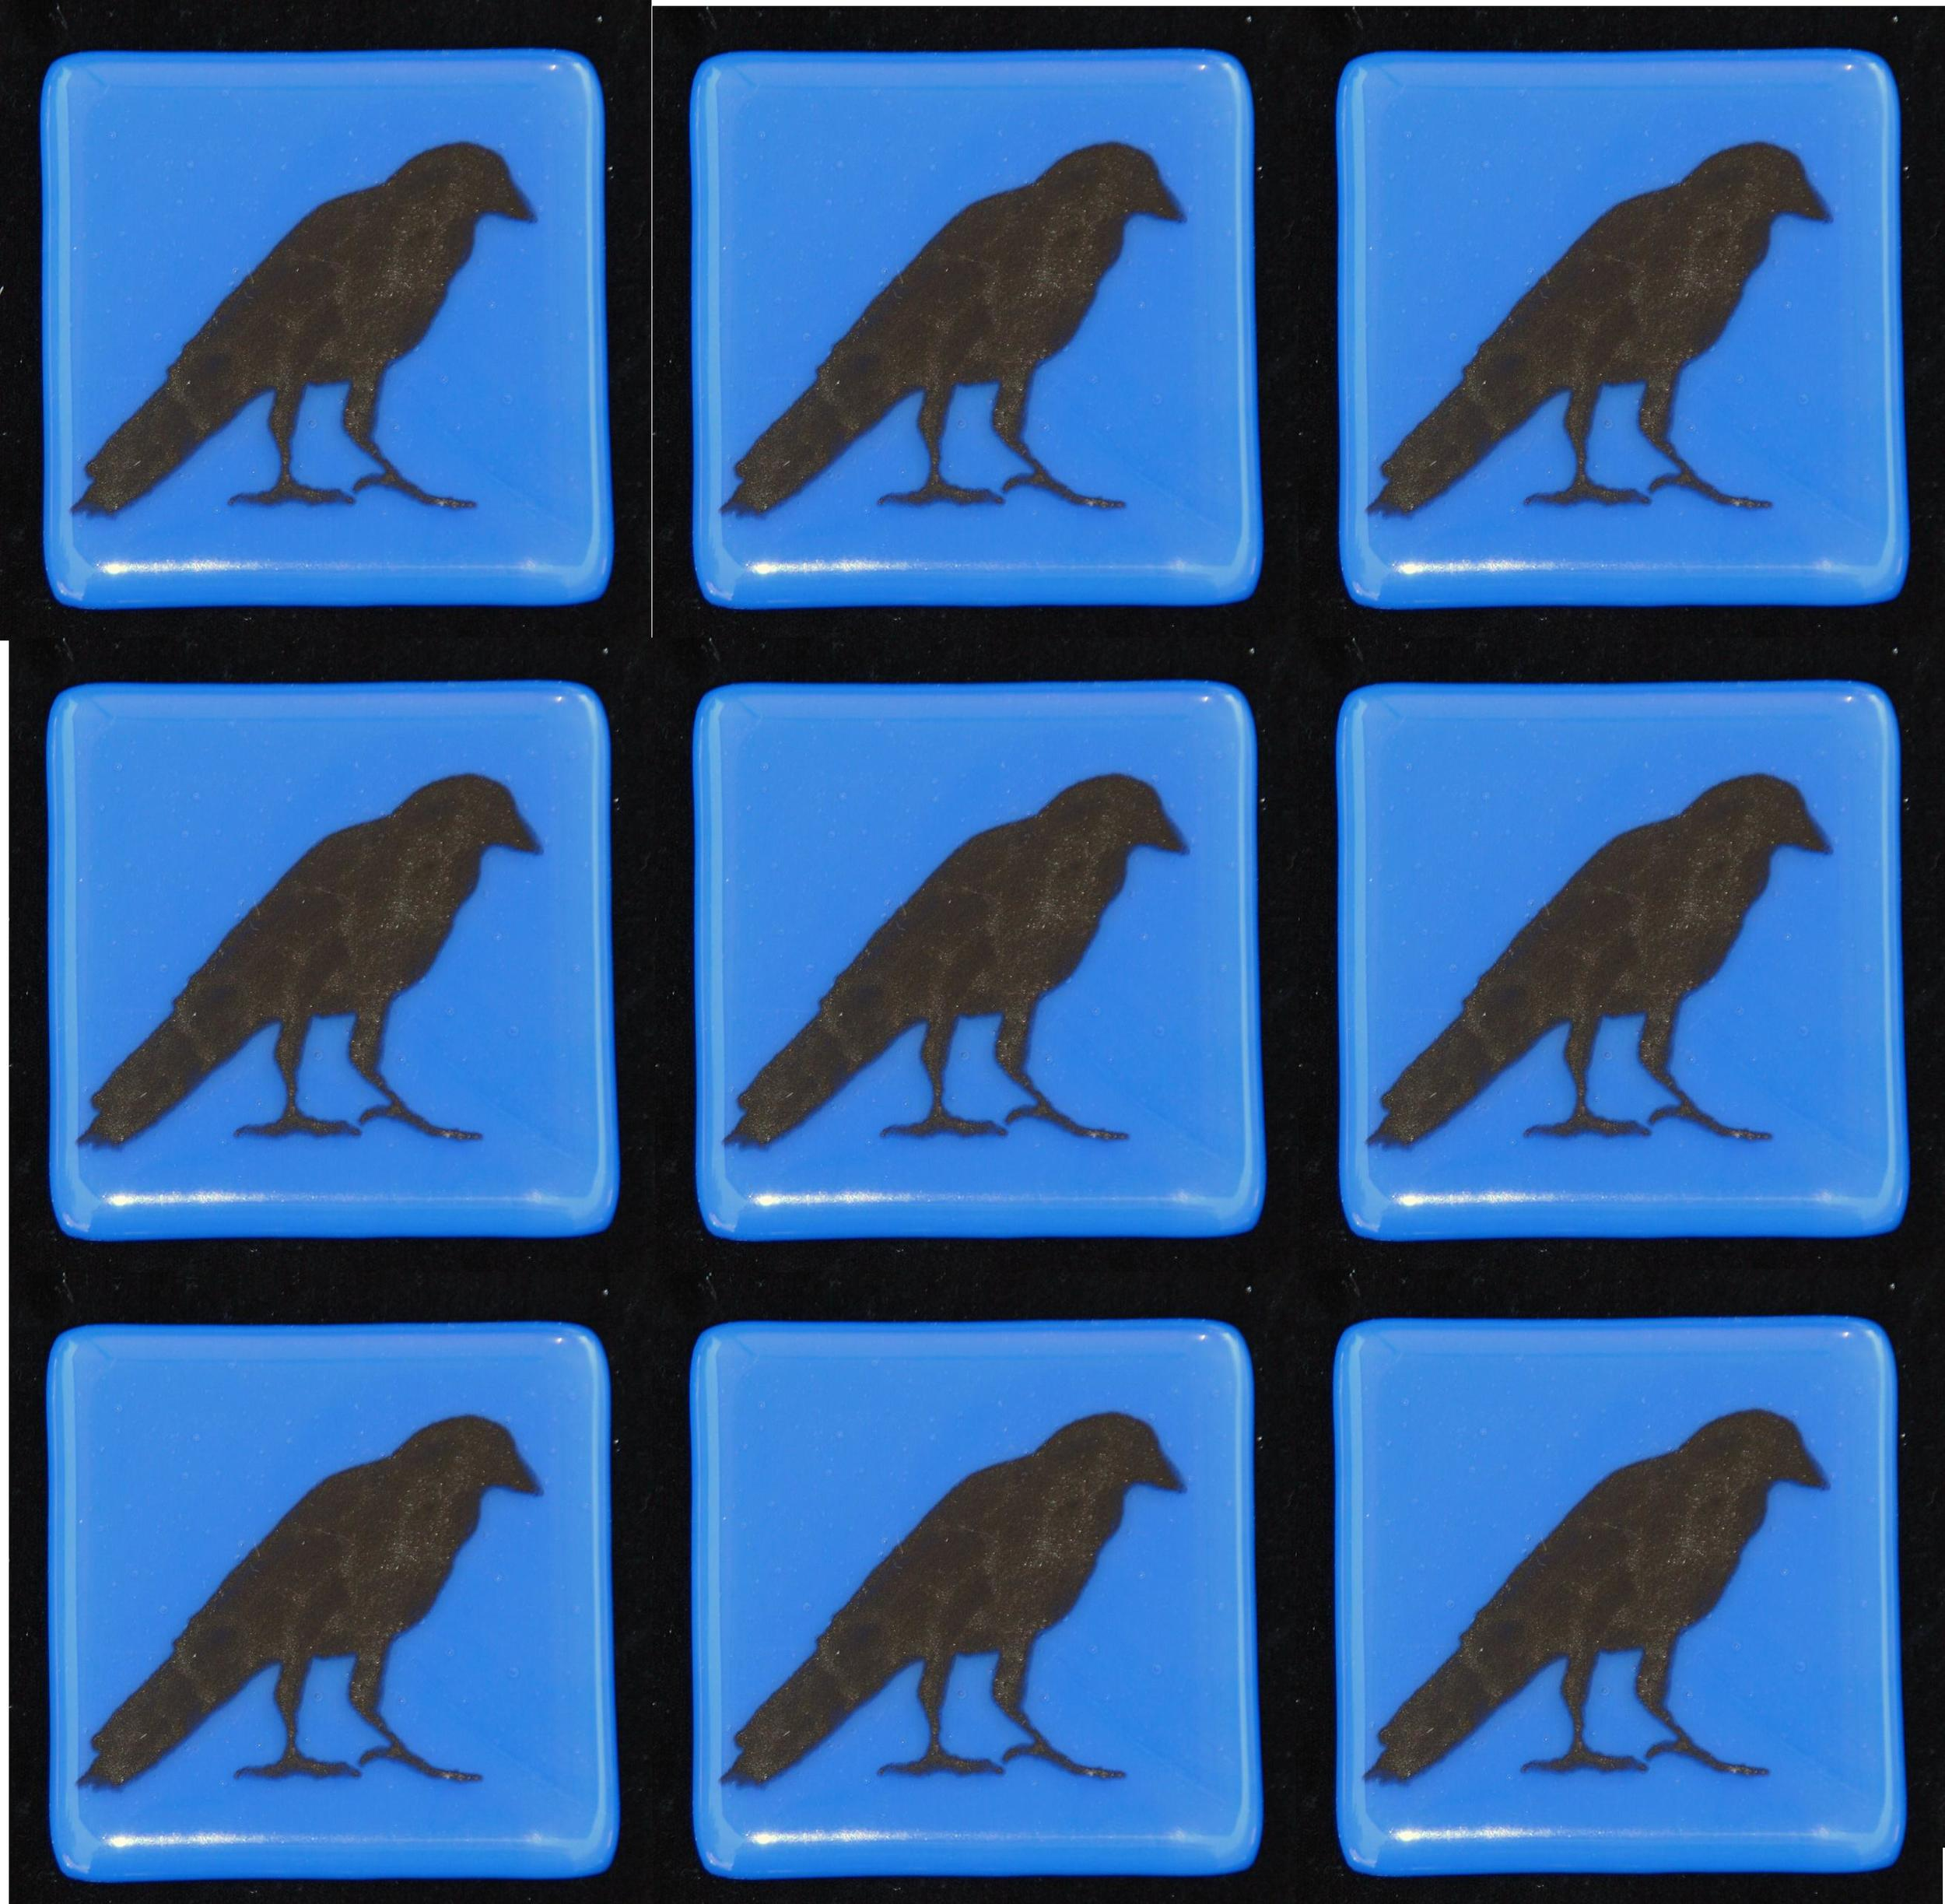 crow on blue.jpg